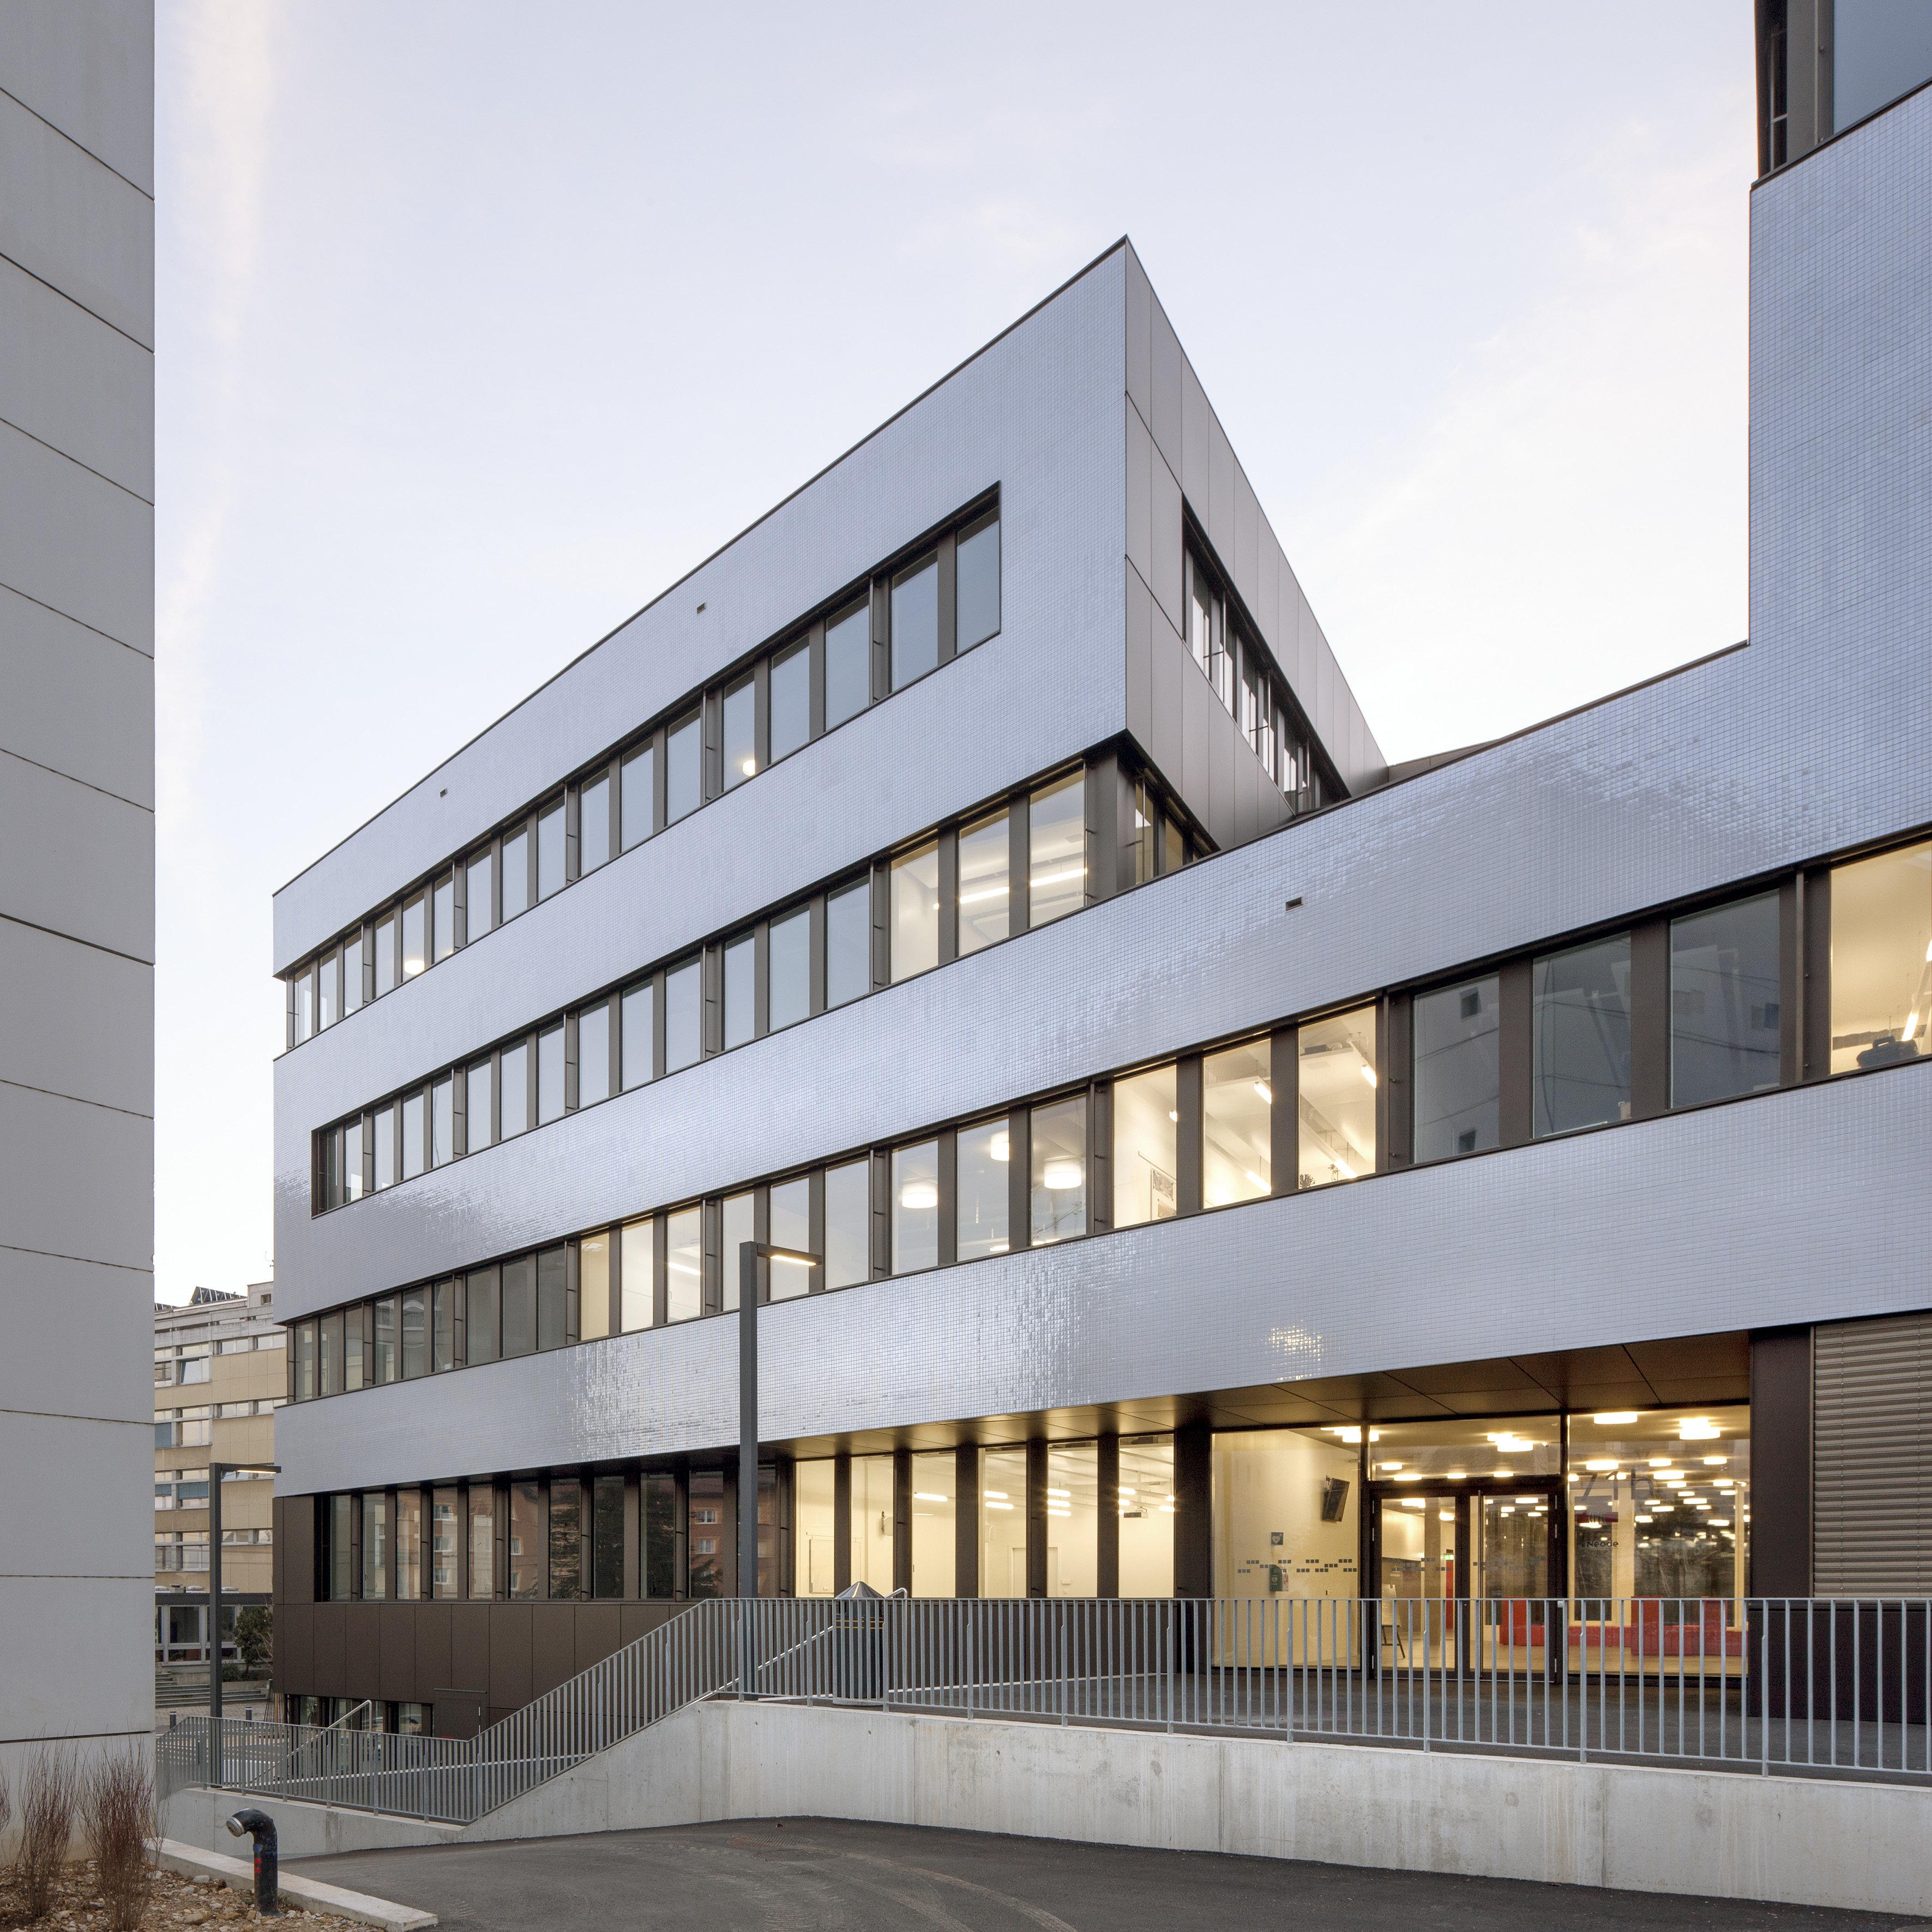 Forschungsgebäude in Hybridbauweise in Holz-Beton-Verbundsystem